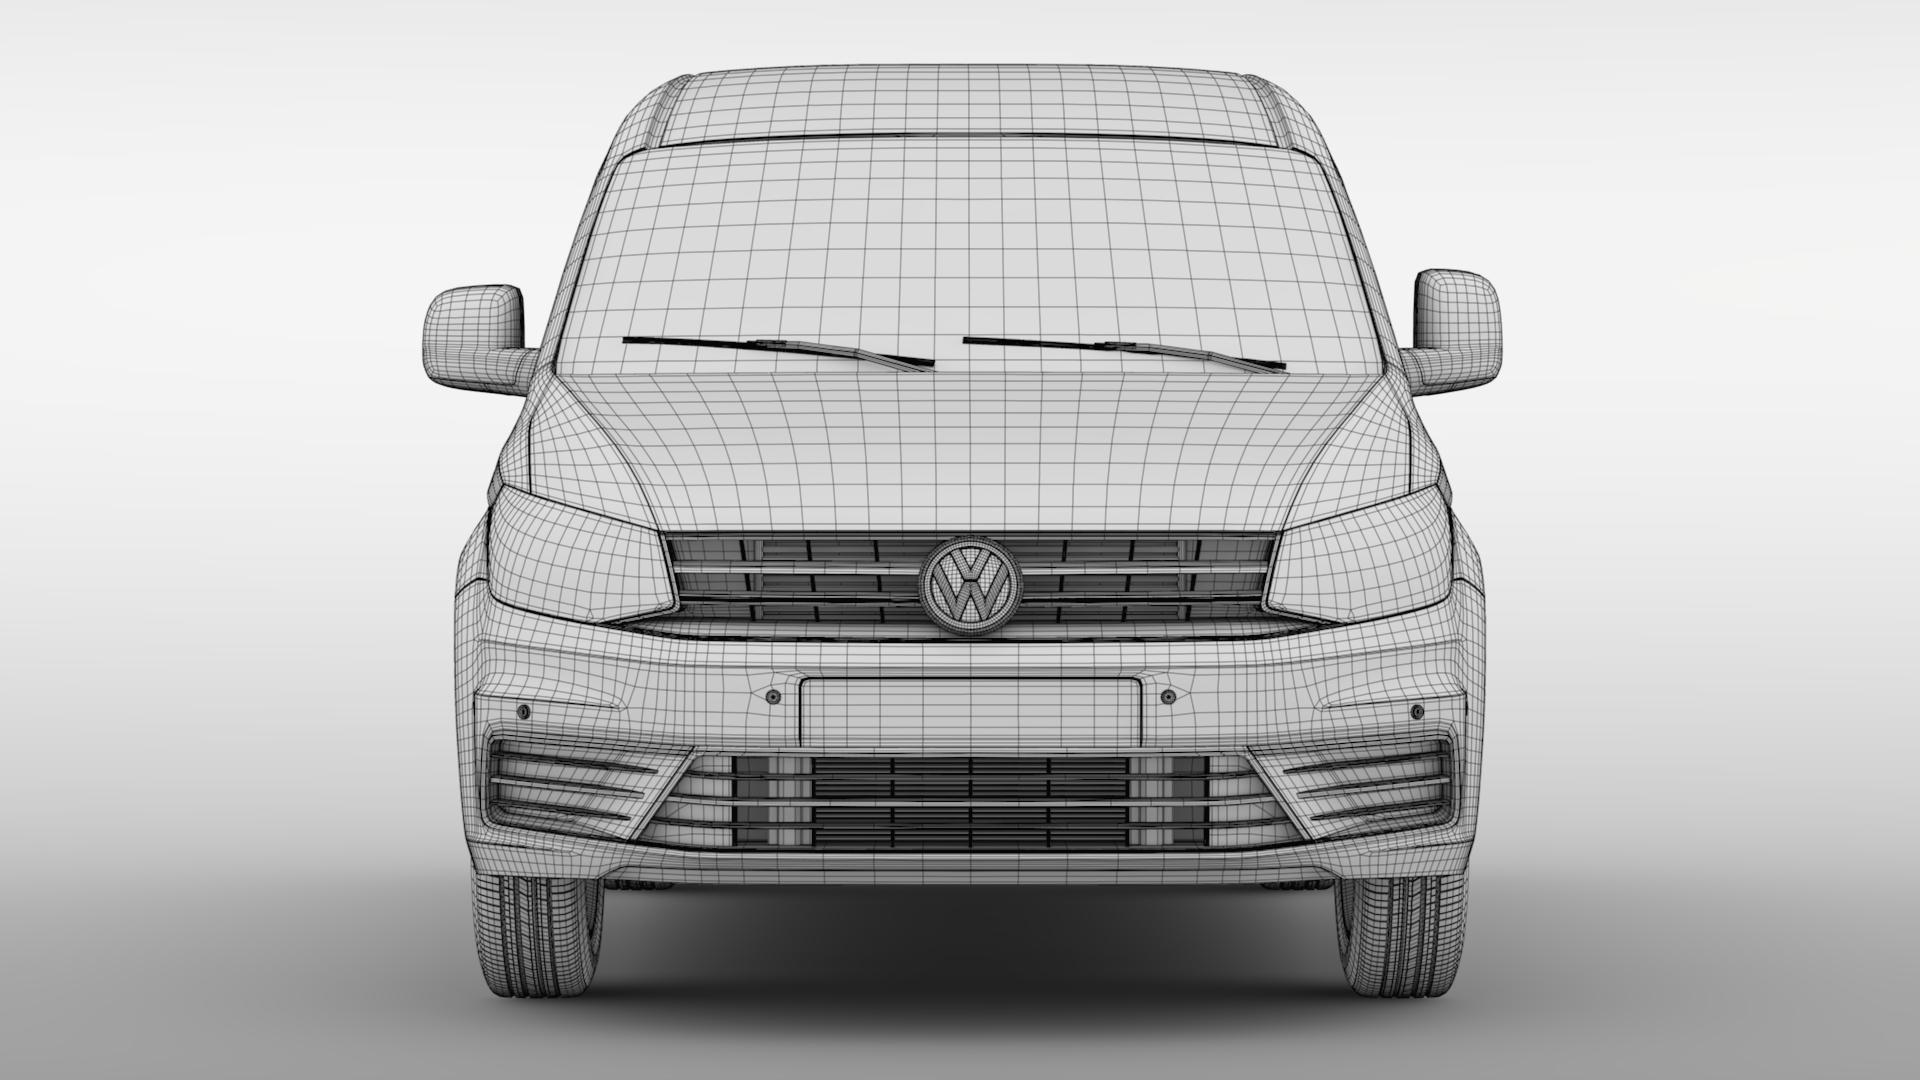 volkswagen caddy panel van l1 2017 3d model max fbx c4d lwo ma mb hrc xsi obj 274413